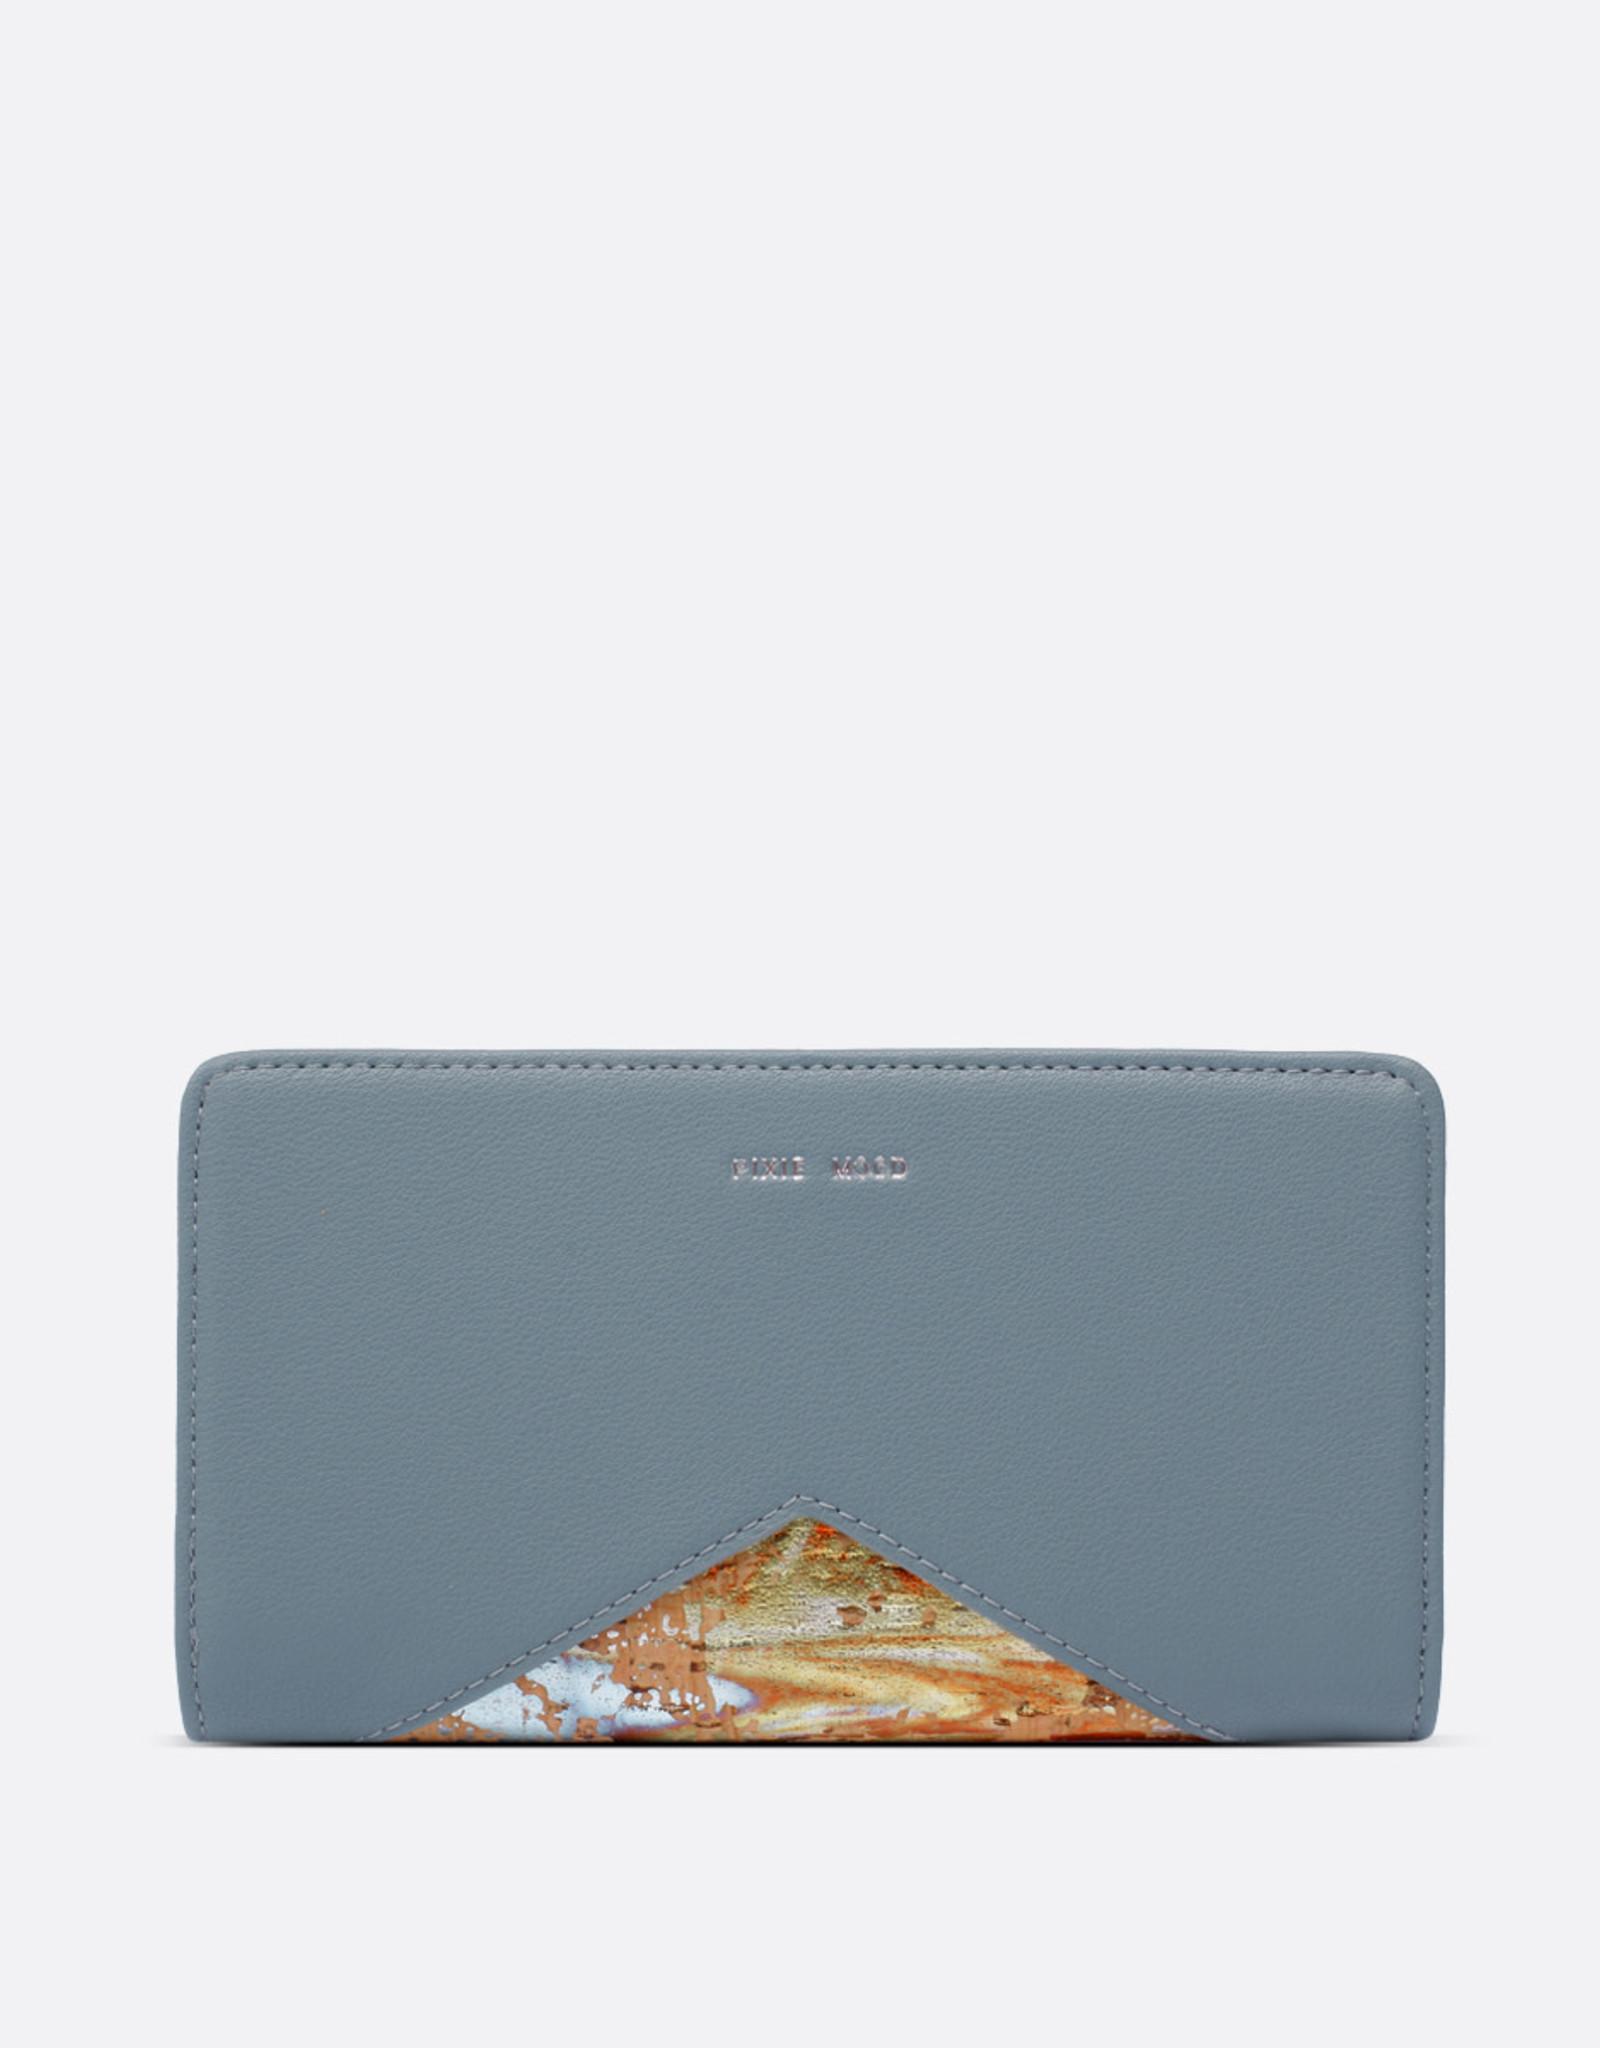 Pixie Mood Portefeuille Sophie - Bleu minéral et liège métallique